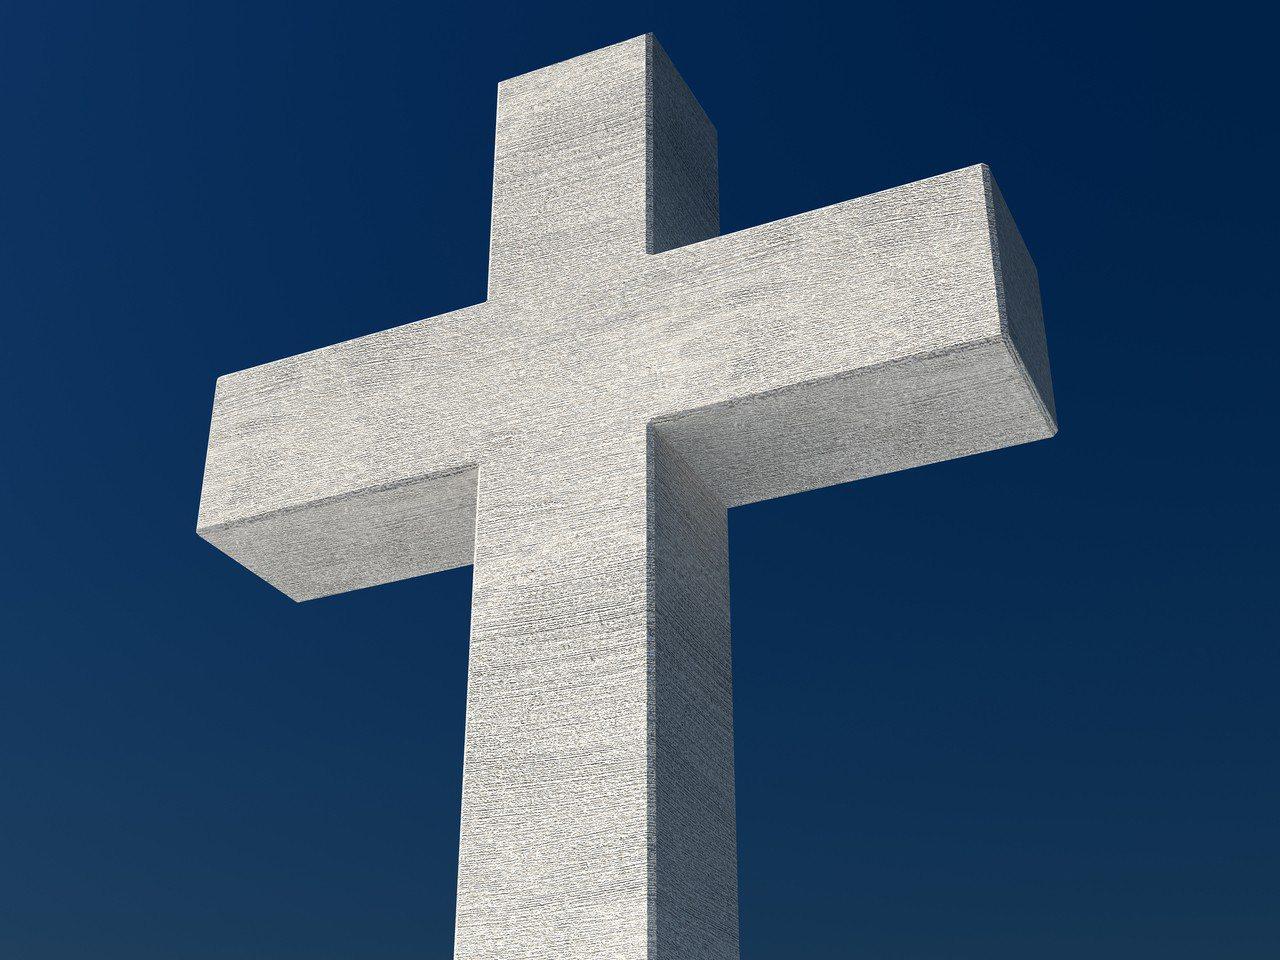 中國大陸河南省近幾個月掀起一輪清拆教堂十字架行動。有學者說,這是在反映中共總書記...